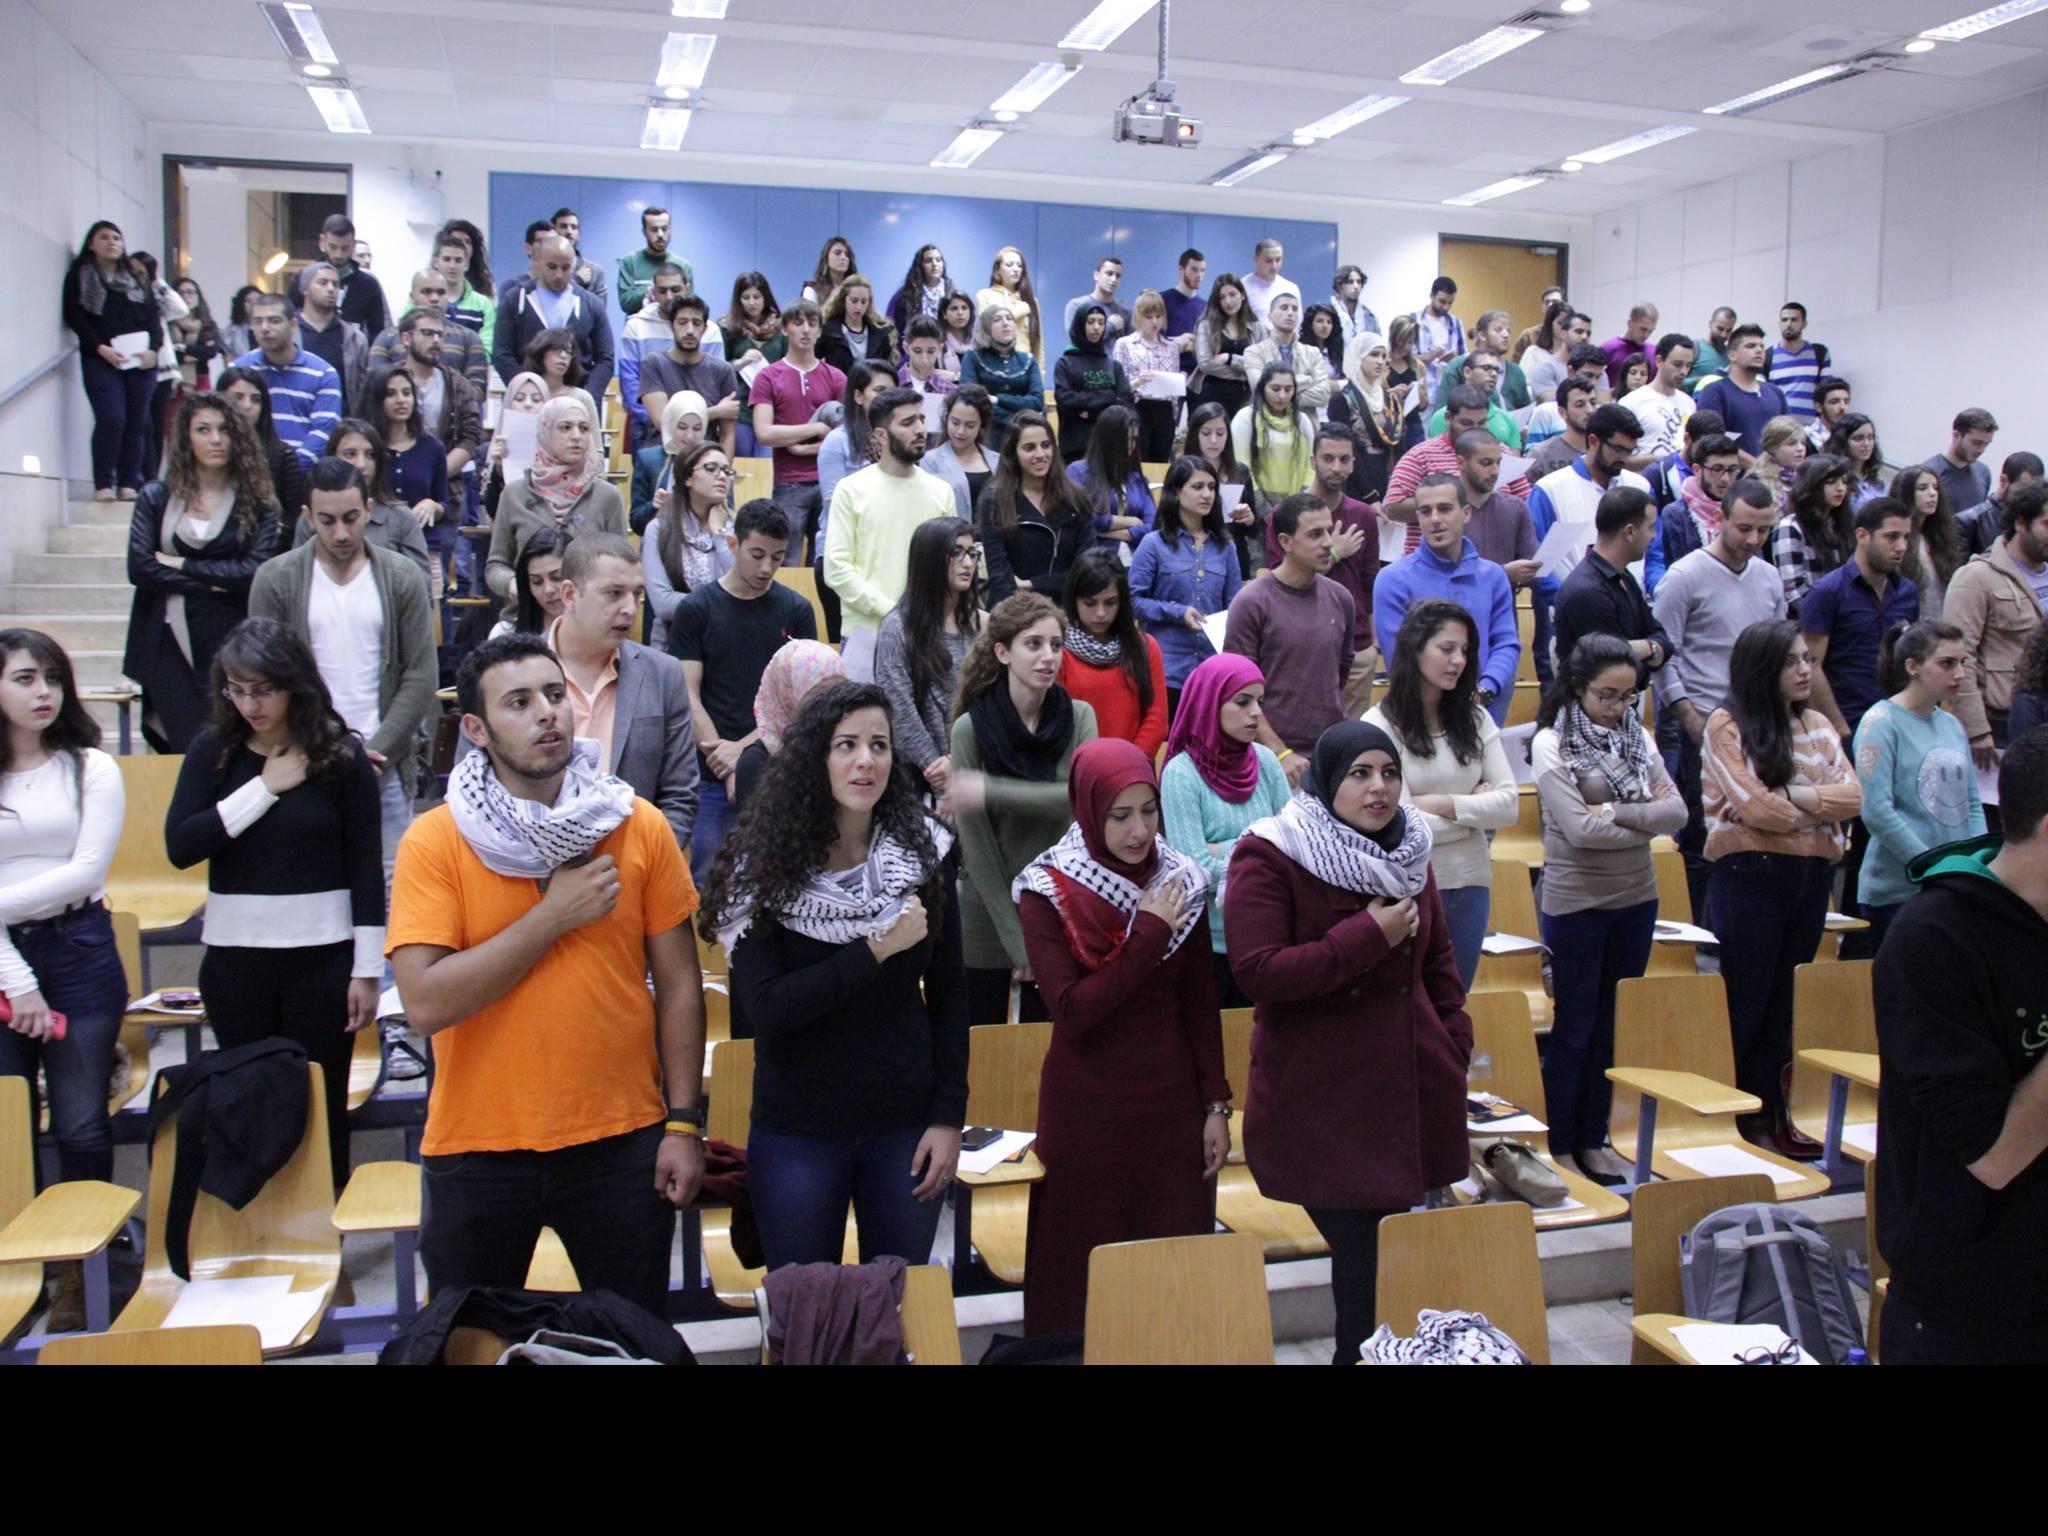 التجمع الطلابي بجامعة تل أبيب يفتتح العام الدراسي بأمسية سياسية فنية